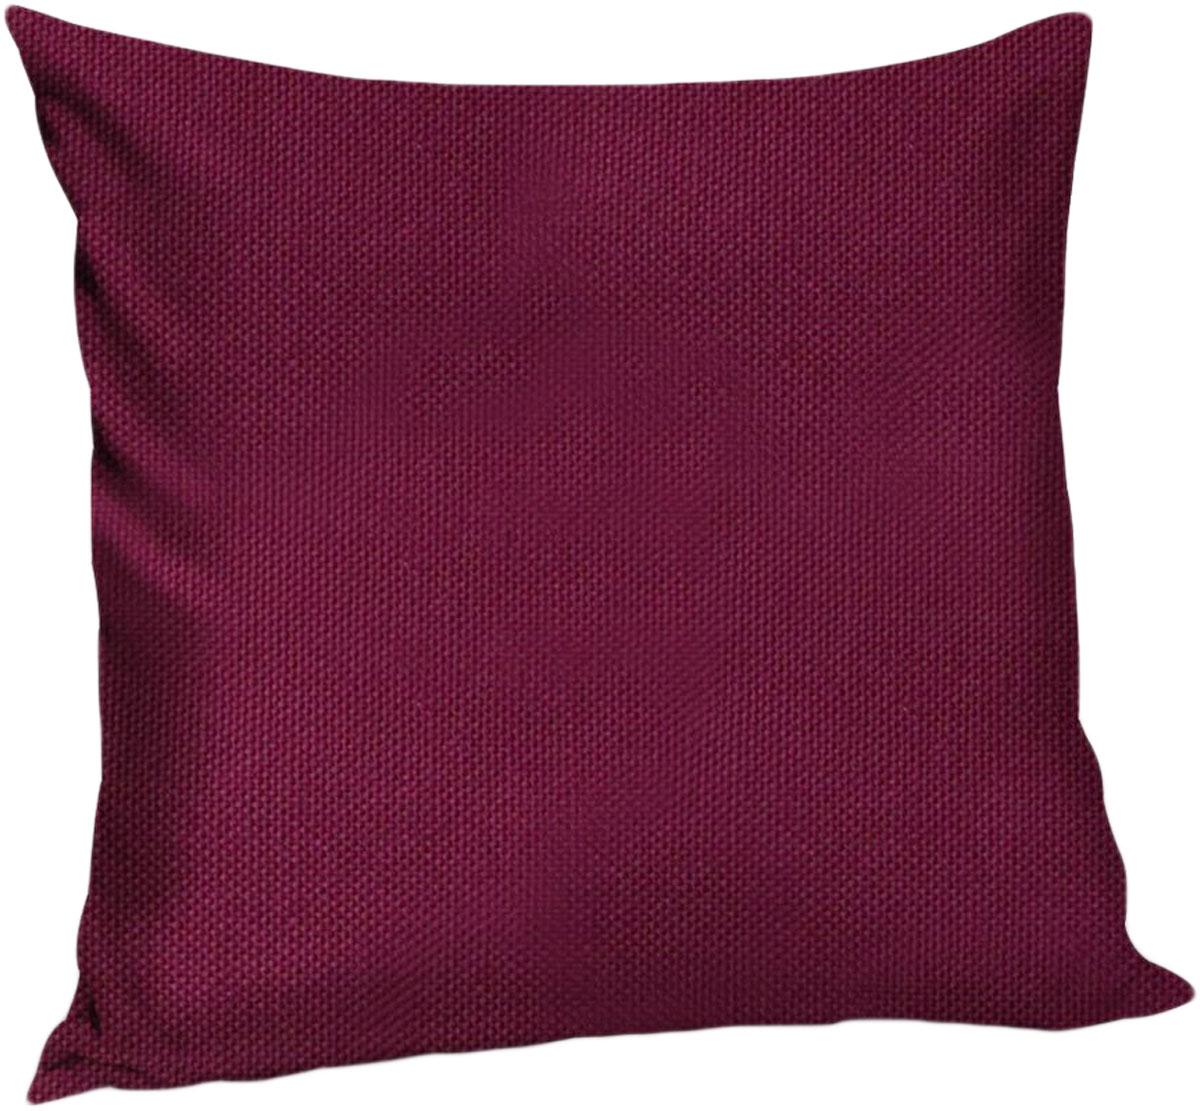 Подушка декоративная KauffOrt Комо, цвет: бордово-фиолетовый, 40 x 40 см3121540175Декоративная подушка Комо прекрасно дополнит интерьер спальни или гостиной. Чехолподушки выполнен из лонеты. Внутри находится мягкий наполнитель. Чехол легко снимаетсяблагодаря потайной молнии.